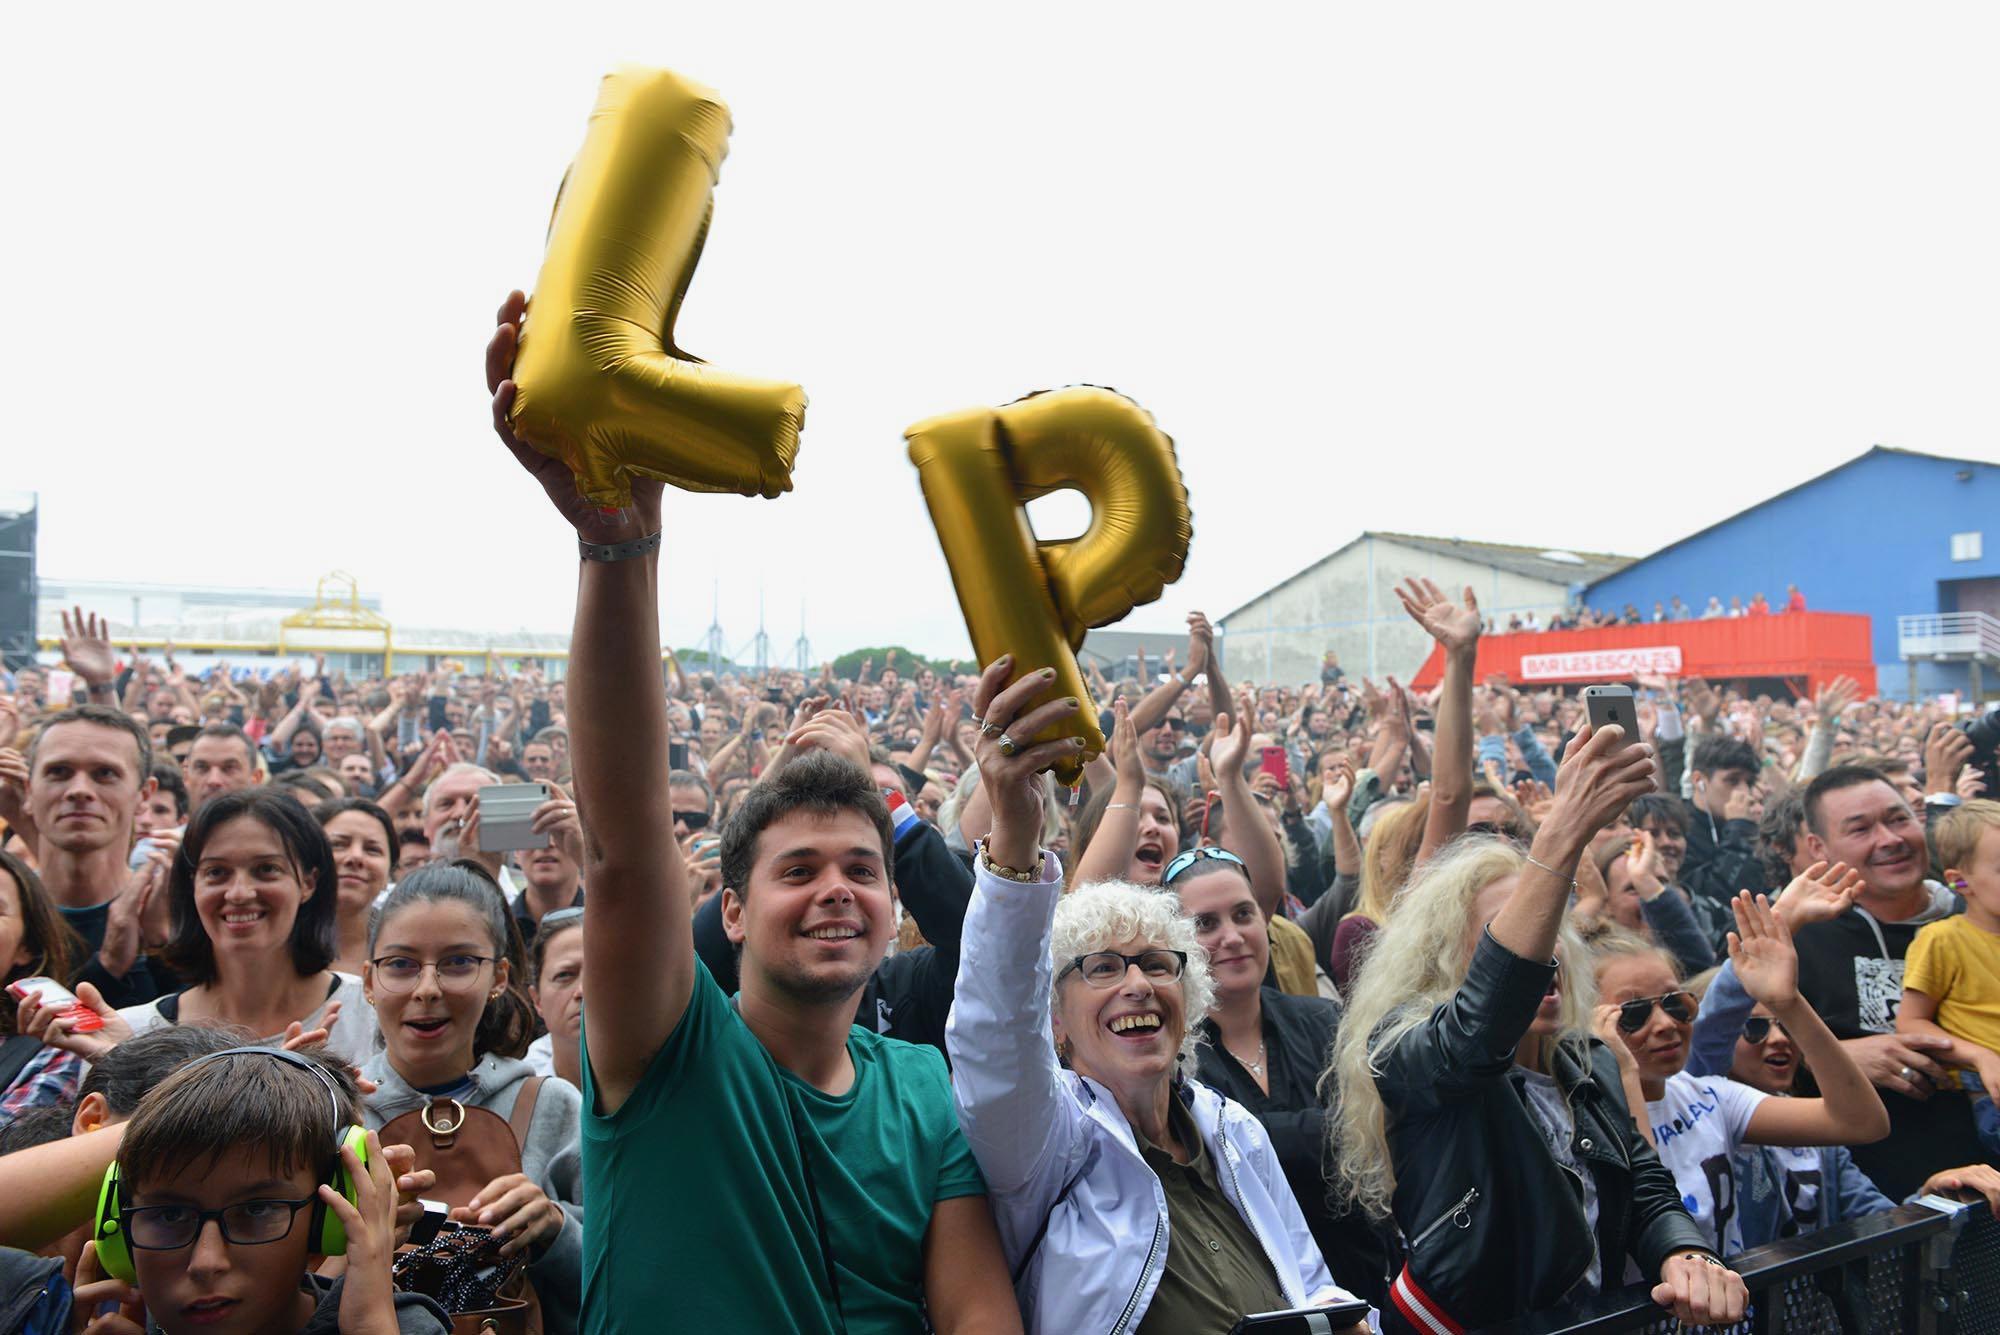 Le public au concert de LP samedi soir scène du Port.